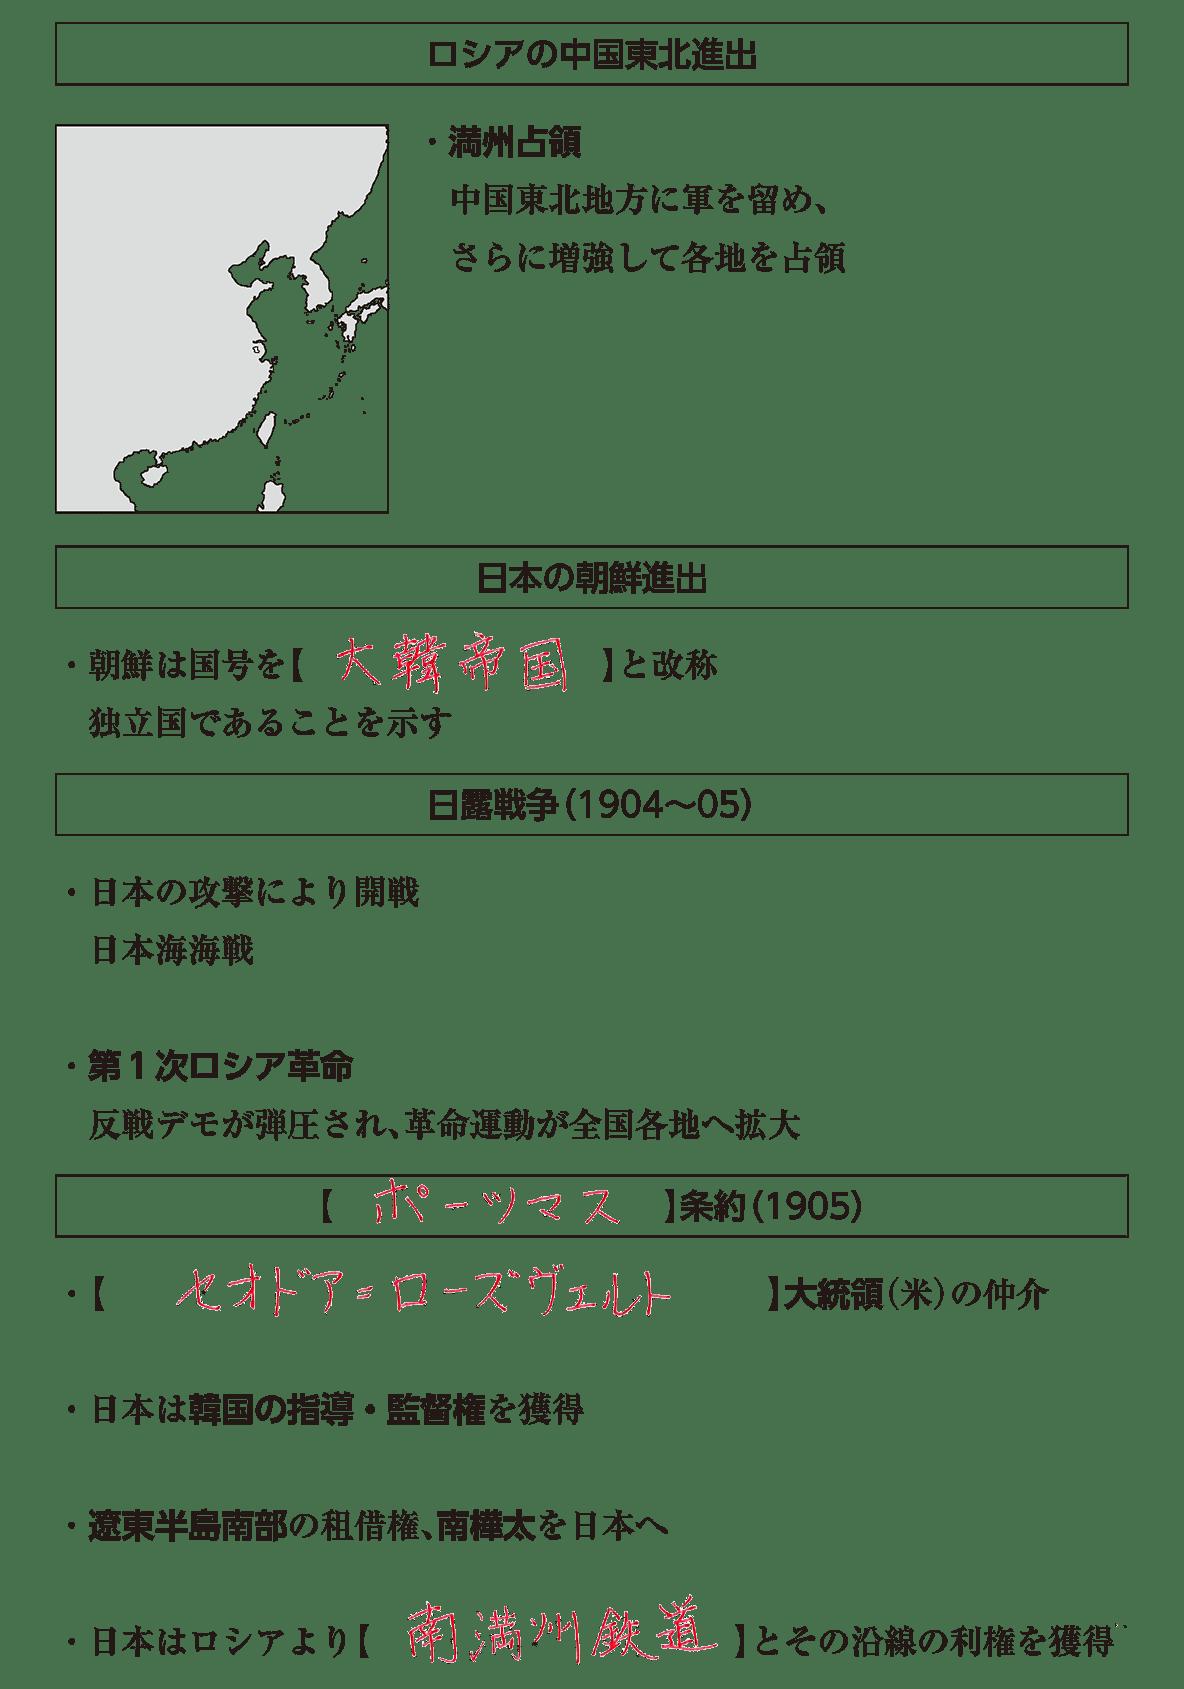 帝国主義と東アジア2 ポイント2 答え全部